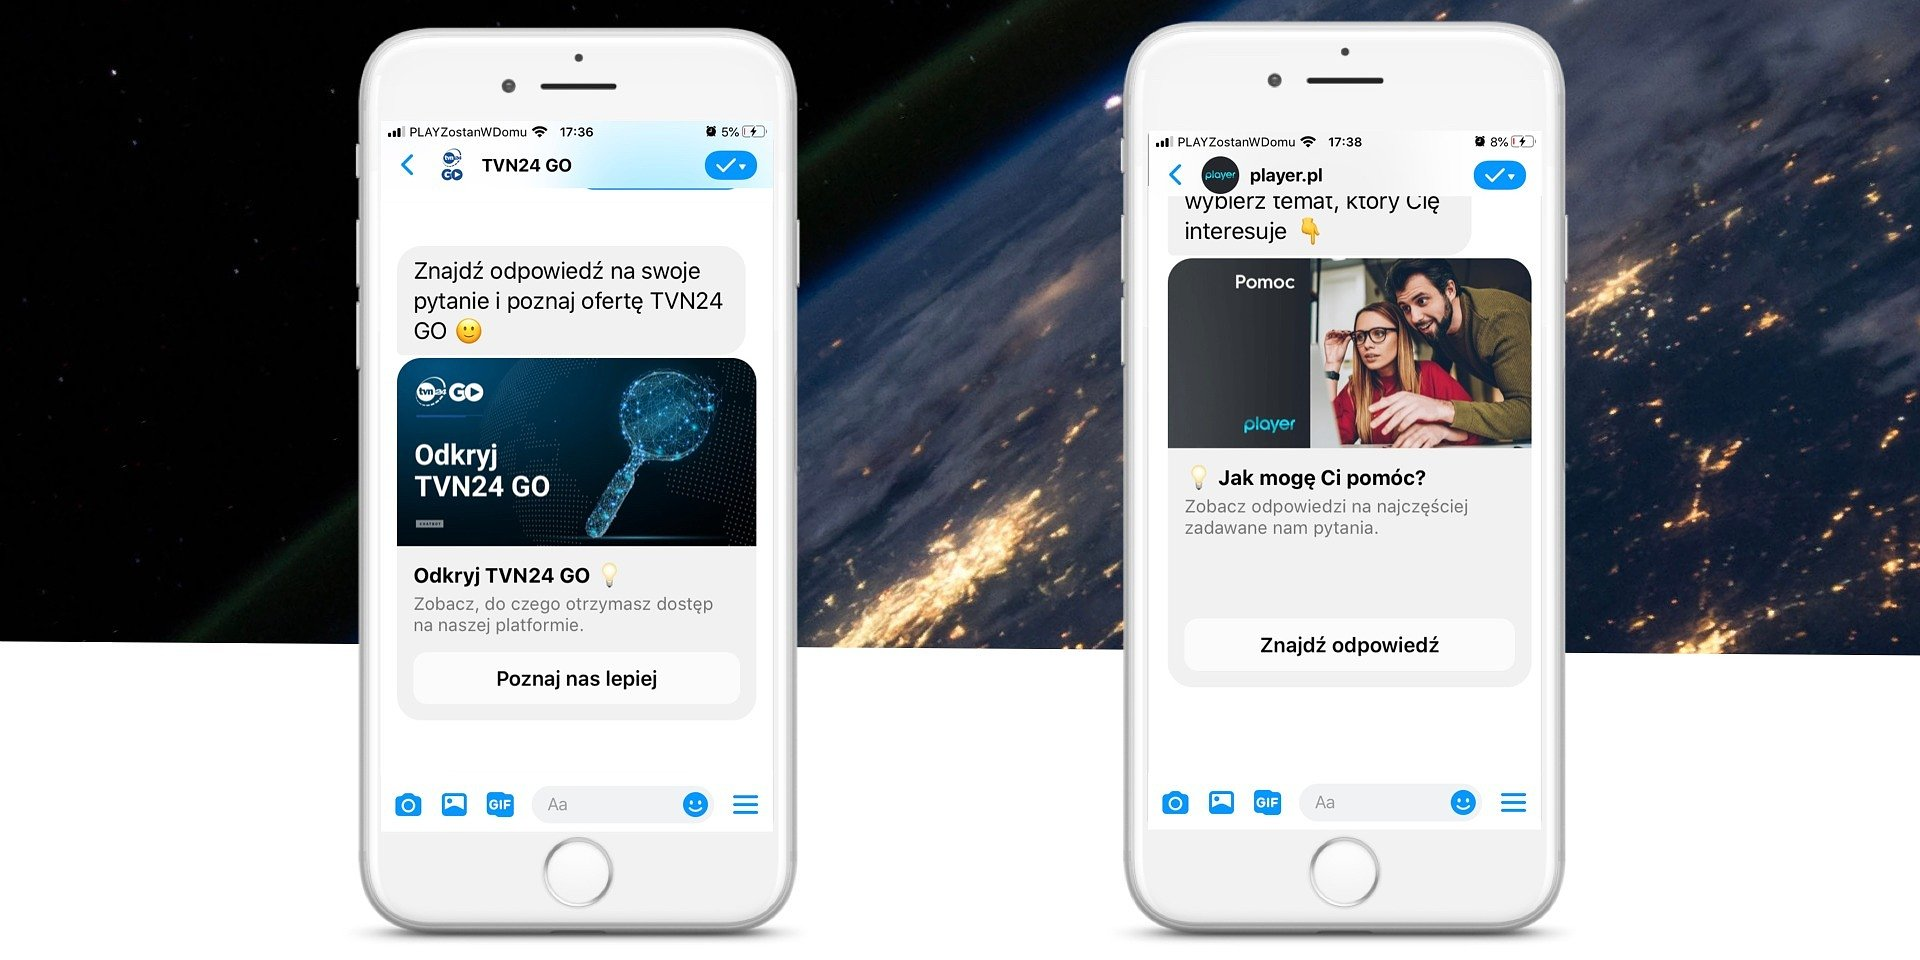 Wirtualni konsultanci pomagają użytkownikom Playera i TVN24 GO